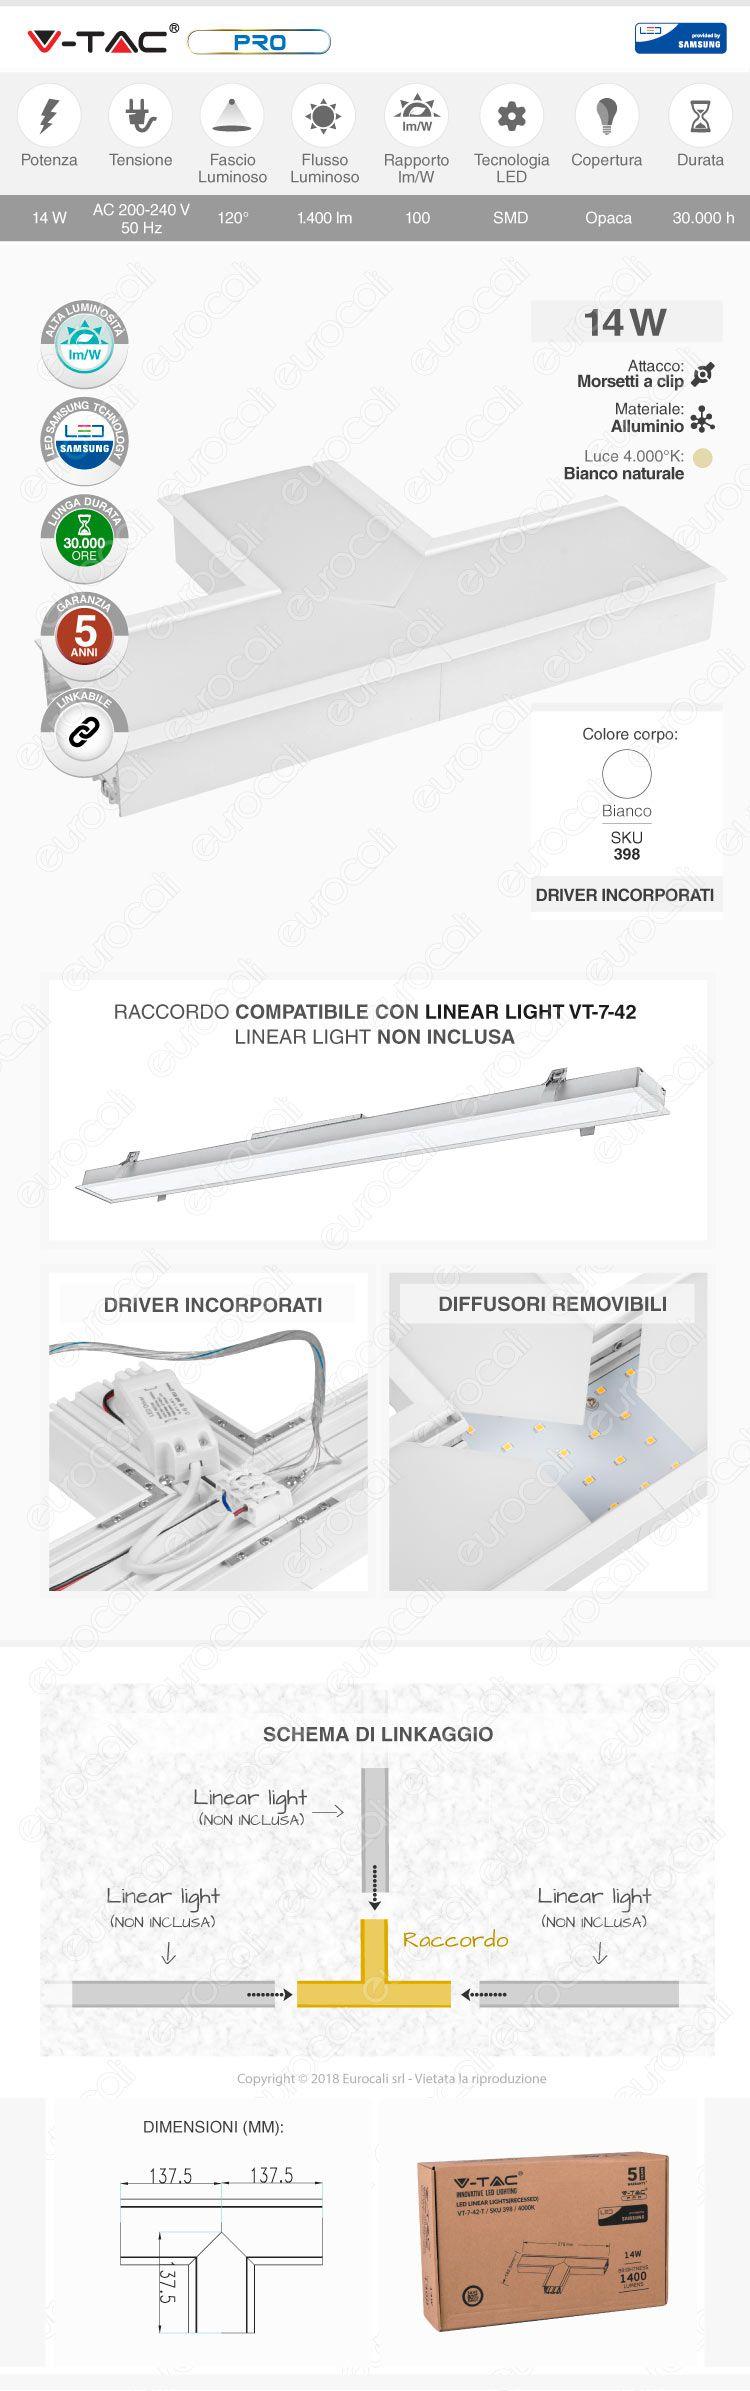 V-Tac PRO VT-7-42T Lampada LED Raccordo a Incasso Linear Light 14W Chip Samsung White Body